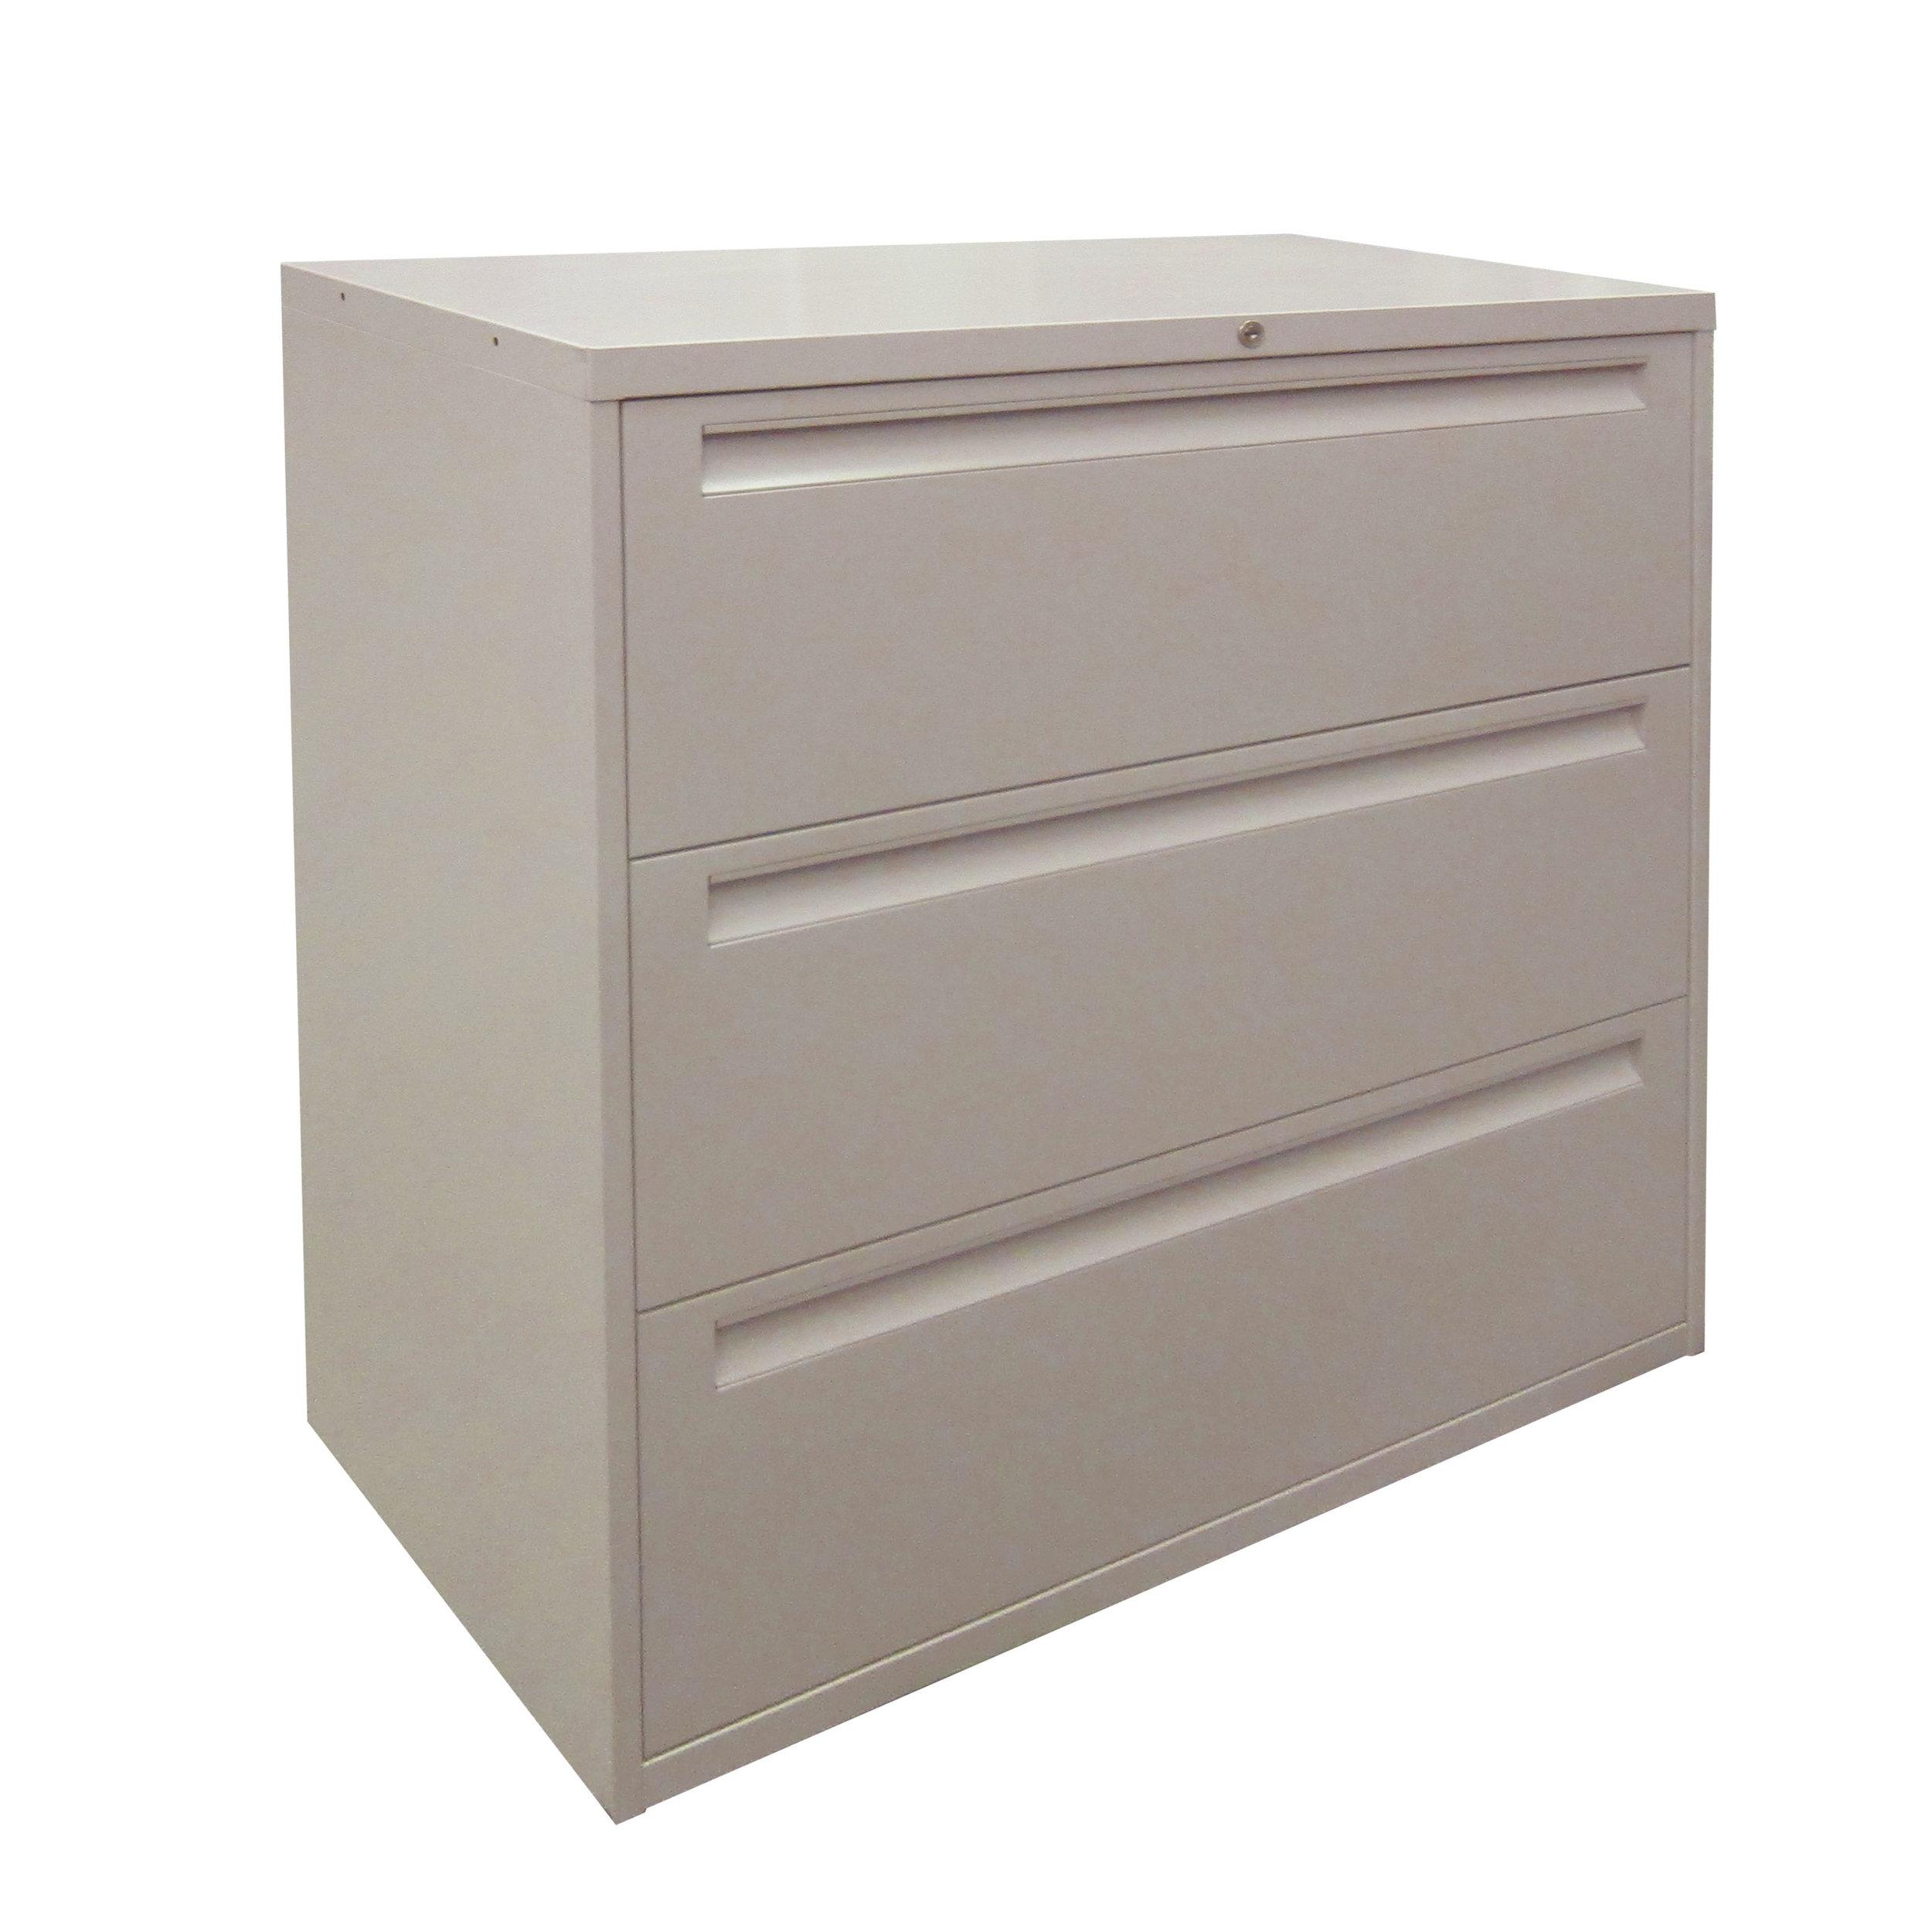 beige+3+drawer+metal+file+cabinet.jpg